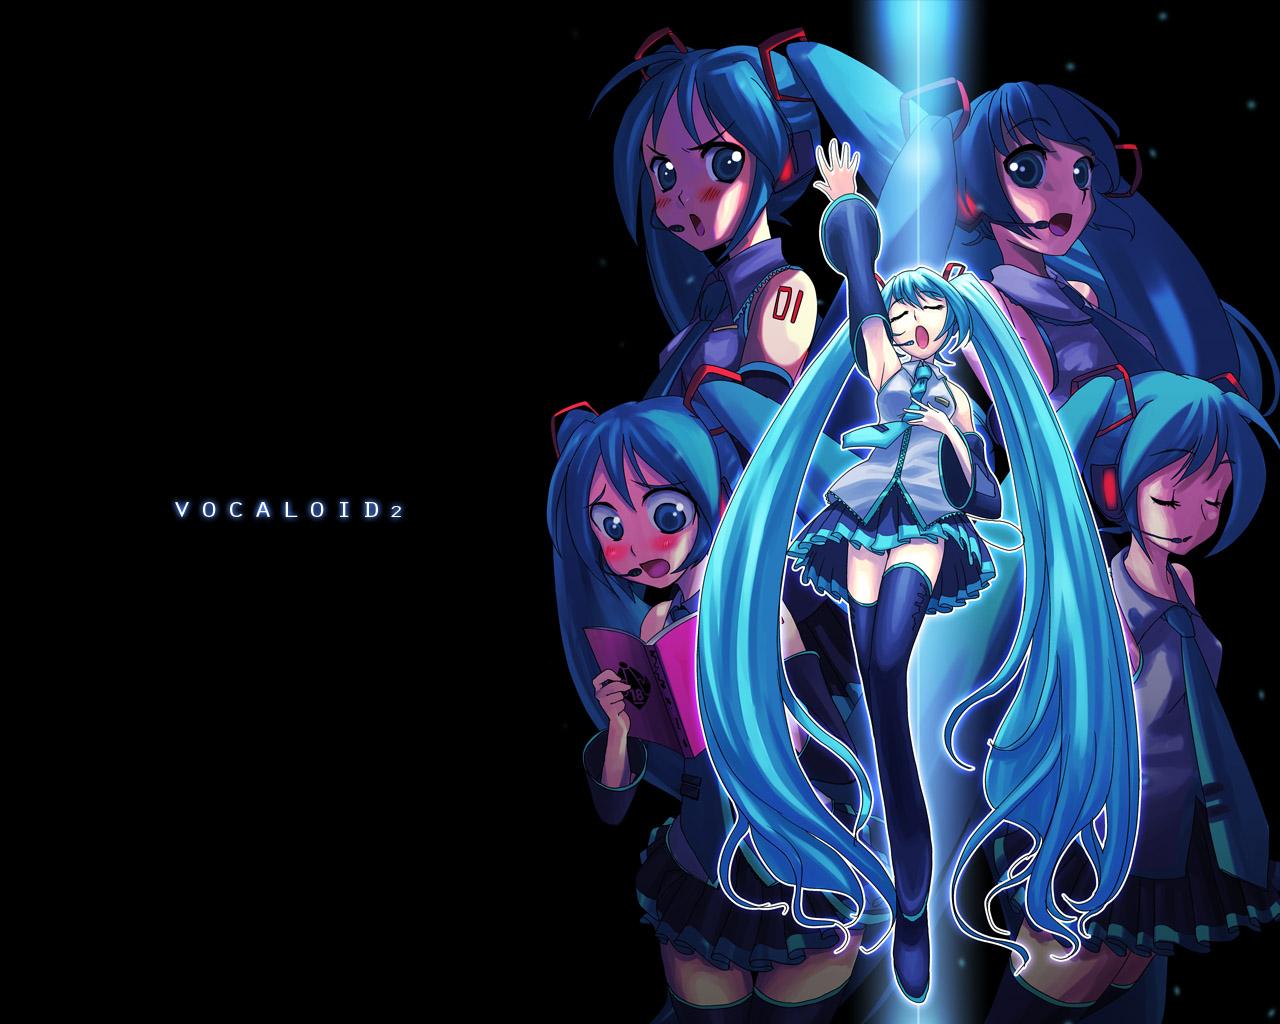 Free Download Muryou Anime Wallpaper Vocaloid Hatsune Miku